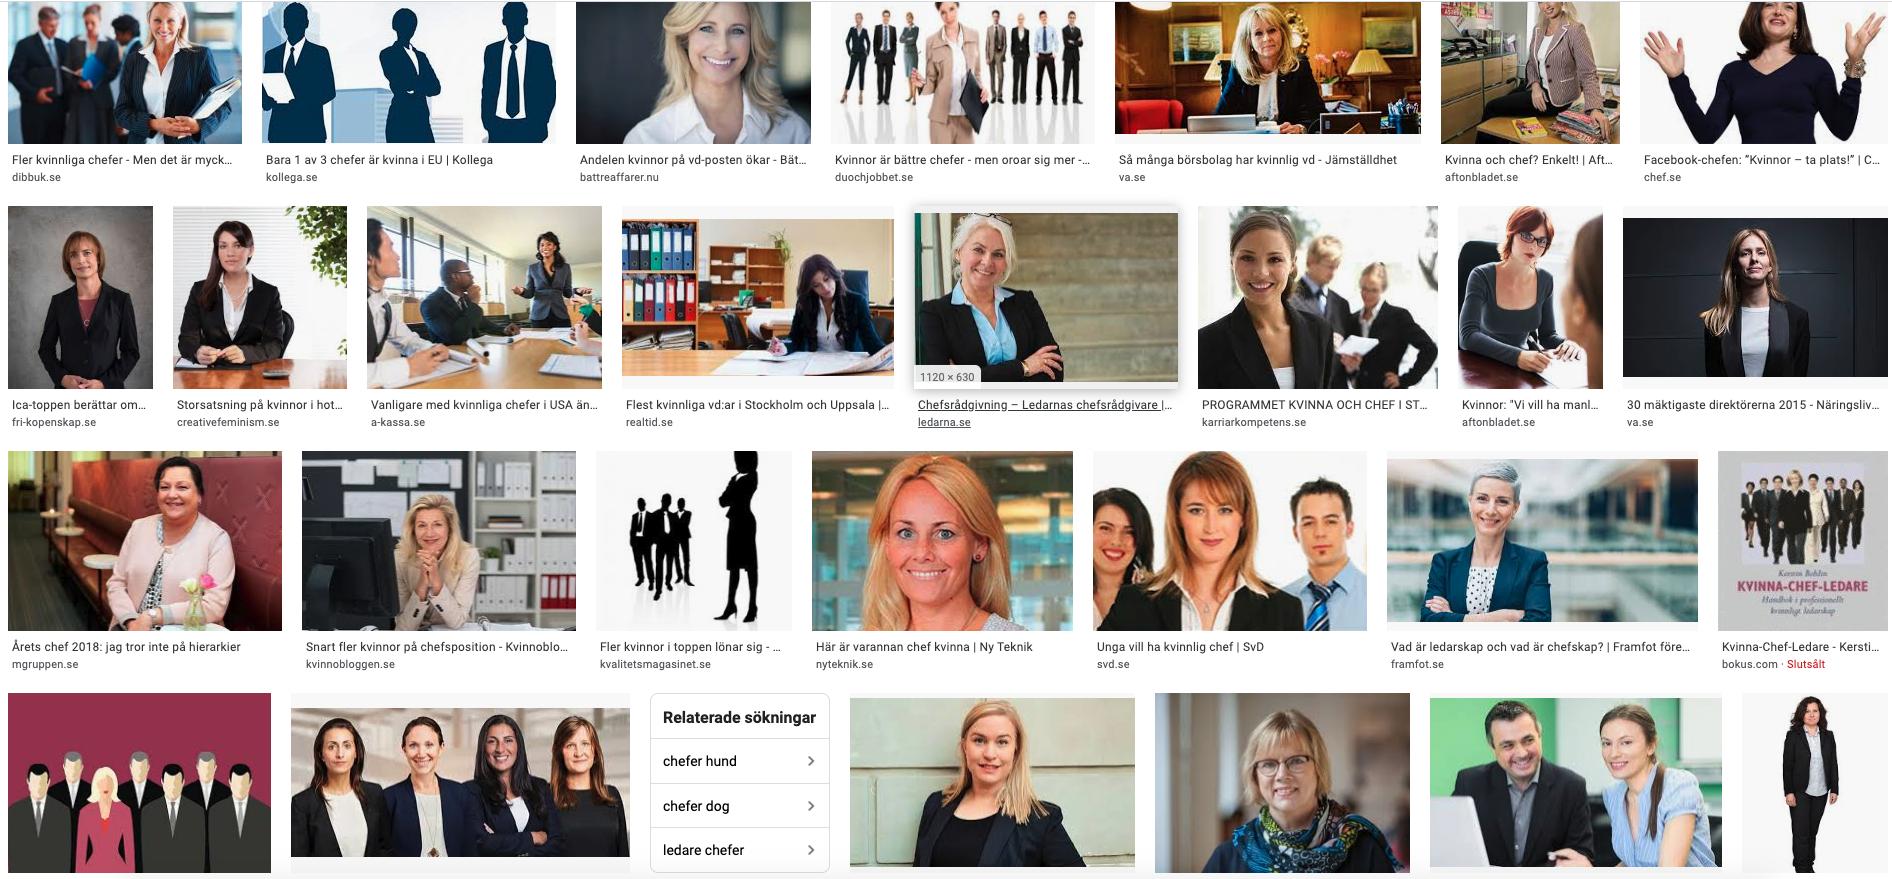 stereotypa bilder på chefer som är kvinnor